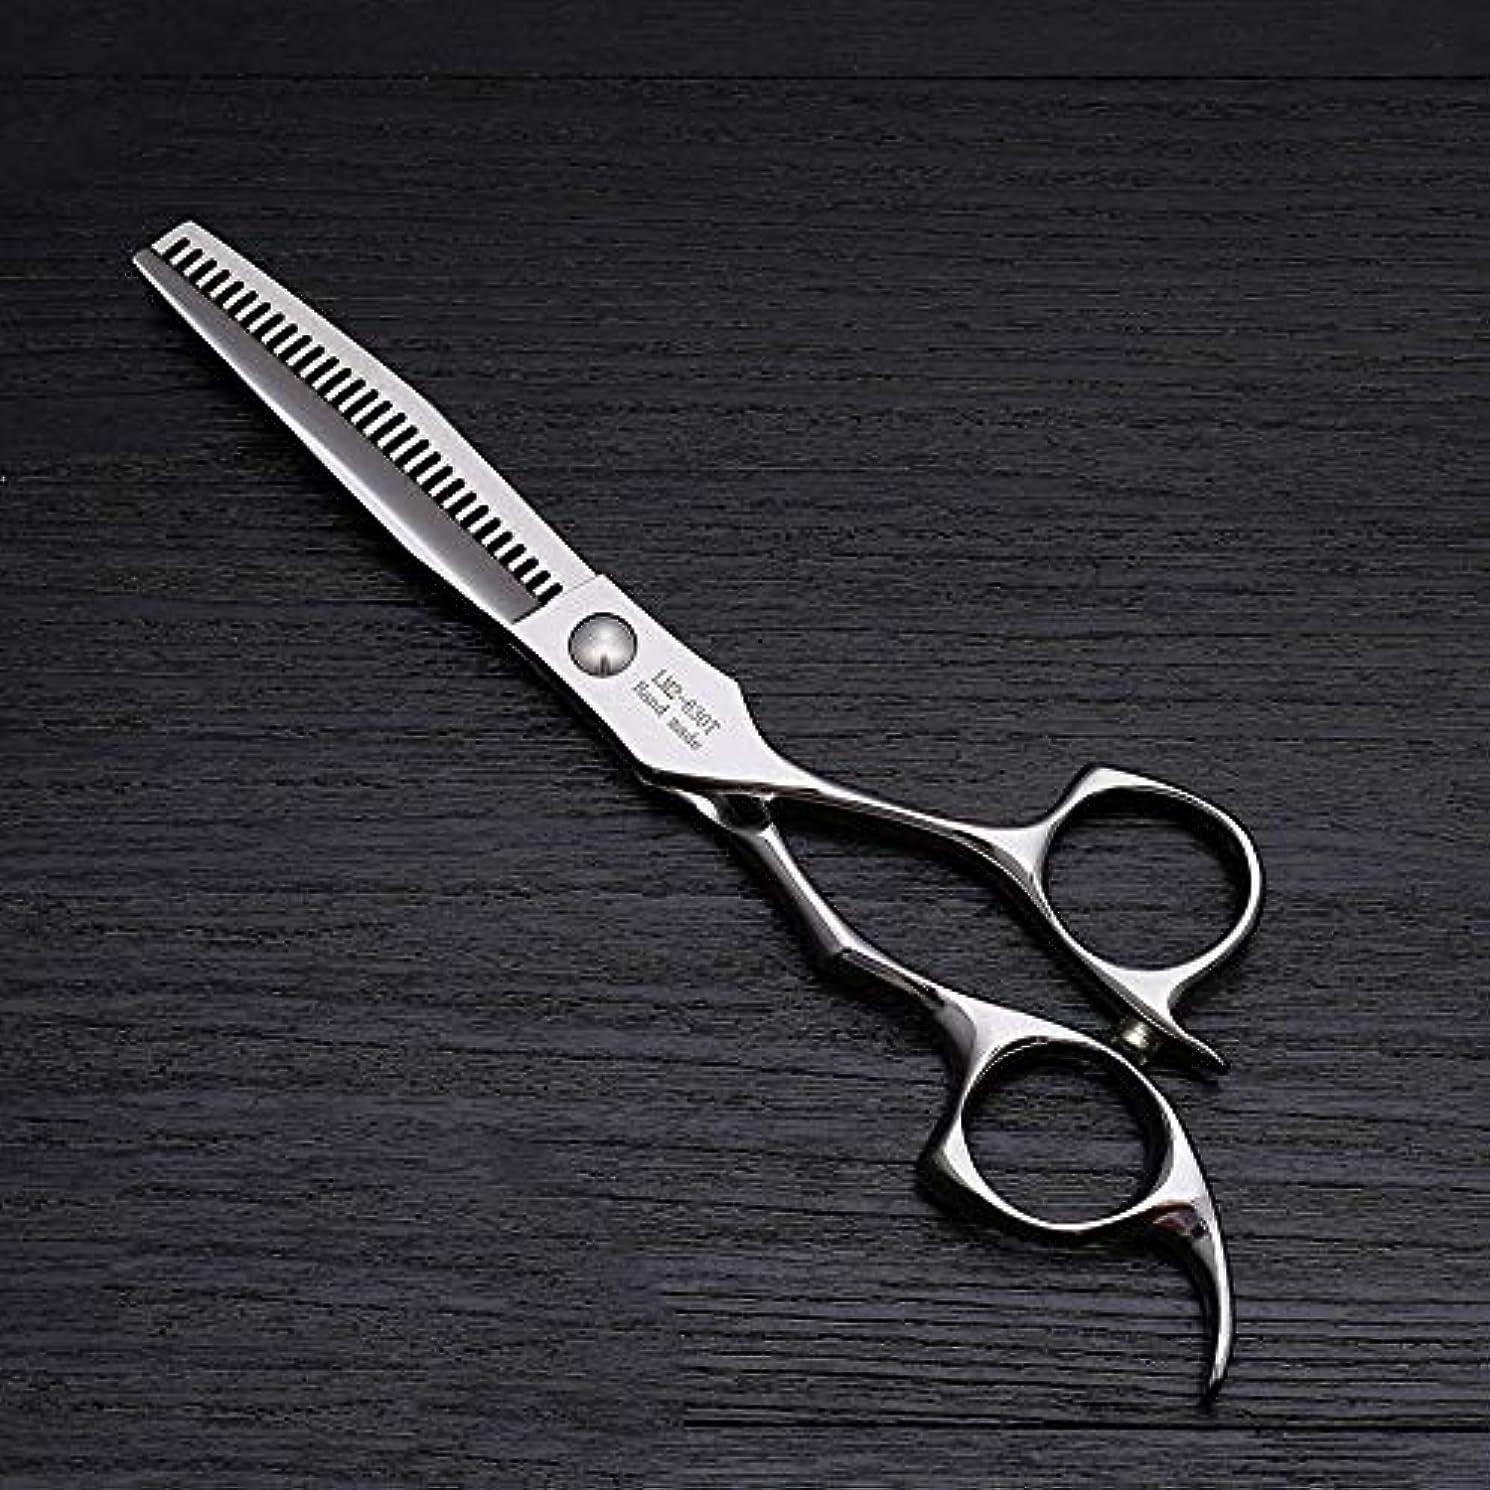 6インチのステンレス鋼の理髪はさみ、美容院の毛の切断用具 ヘアケア (色 : Silver)